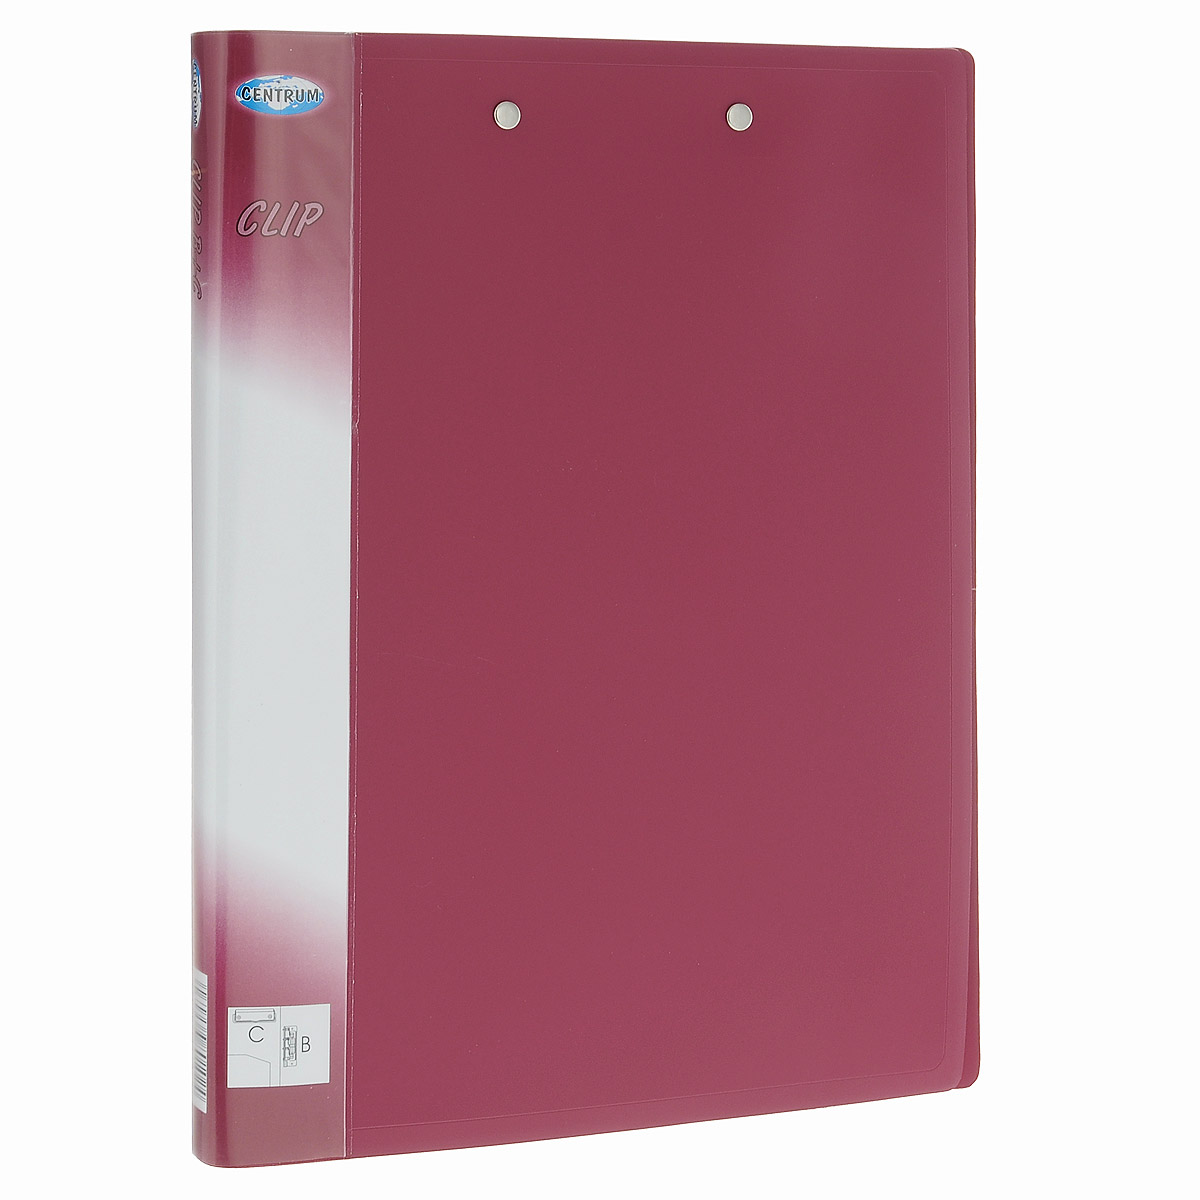 Centrum Папка Clip с боковым и верхним зажимами цвет красный15425Папка для бумаг Centrum Clip с верхним пружинным механизмом крепления листов и боковым рычажным зажимом изготовлена из прочного пластика красного цвета. Благодаря совершенной технологии производства папка не подвергается воздействию низкой температуры, не деформируется и не ломается при изгибе и транспортировке.Папка специально предназначена для хранения перфорированных листов формата А4.